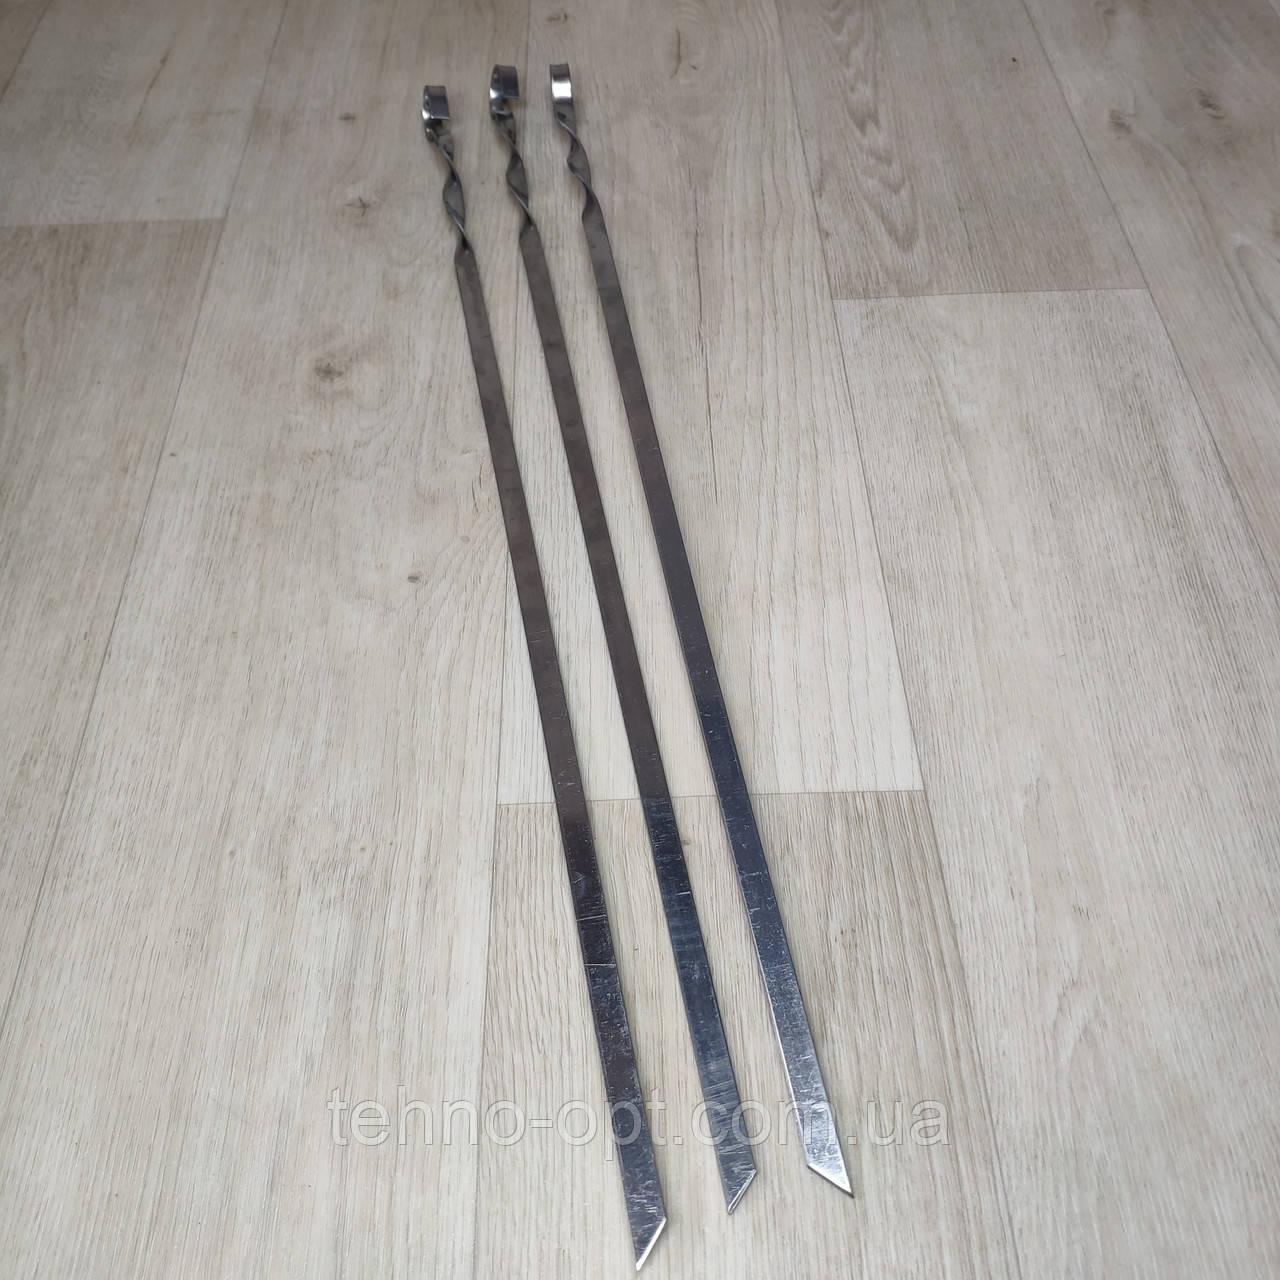 Шампура из нержавейки длина 60см толщина 2мм